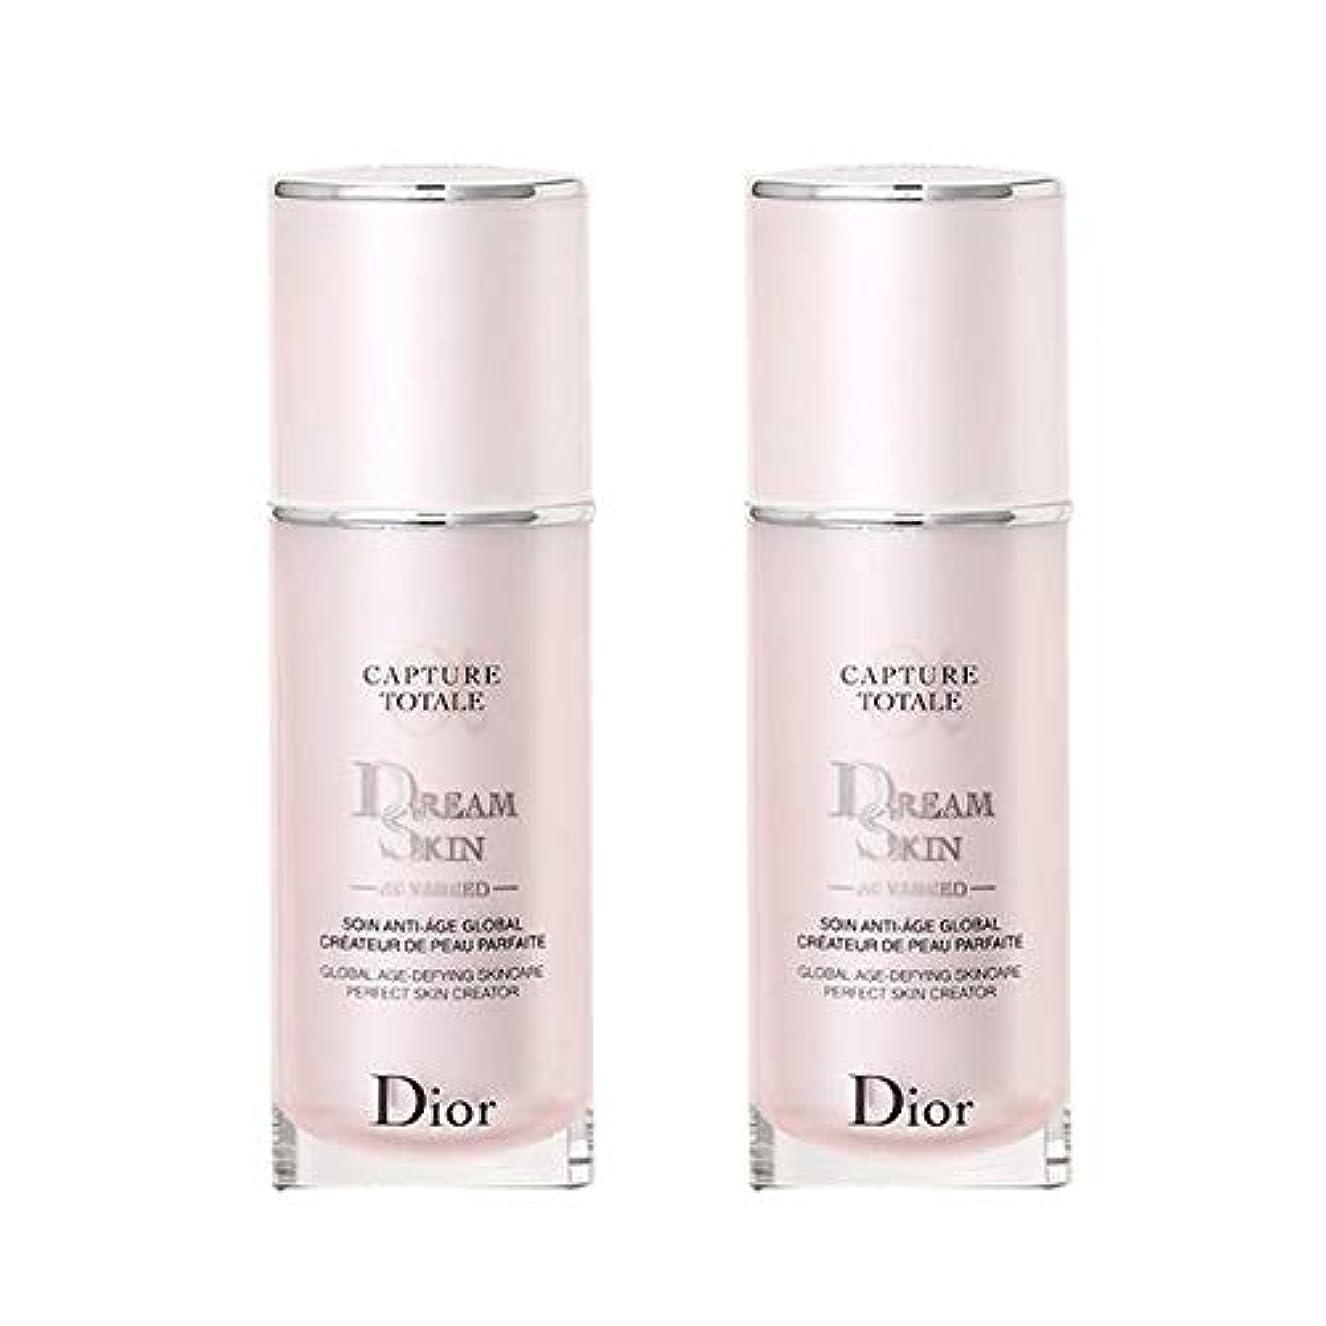 デザート重要なスパイ【セット】クリスチャンディオール Christian Dior カプチュール トータル ドリームスキン アドバンスト 50mL 2個セット [並行輸入品]